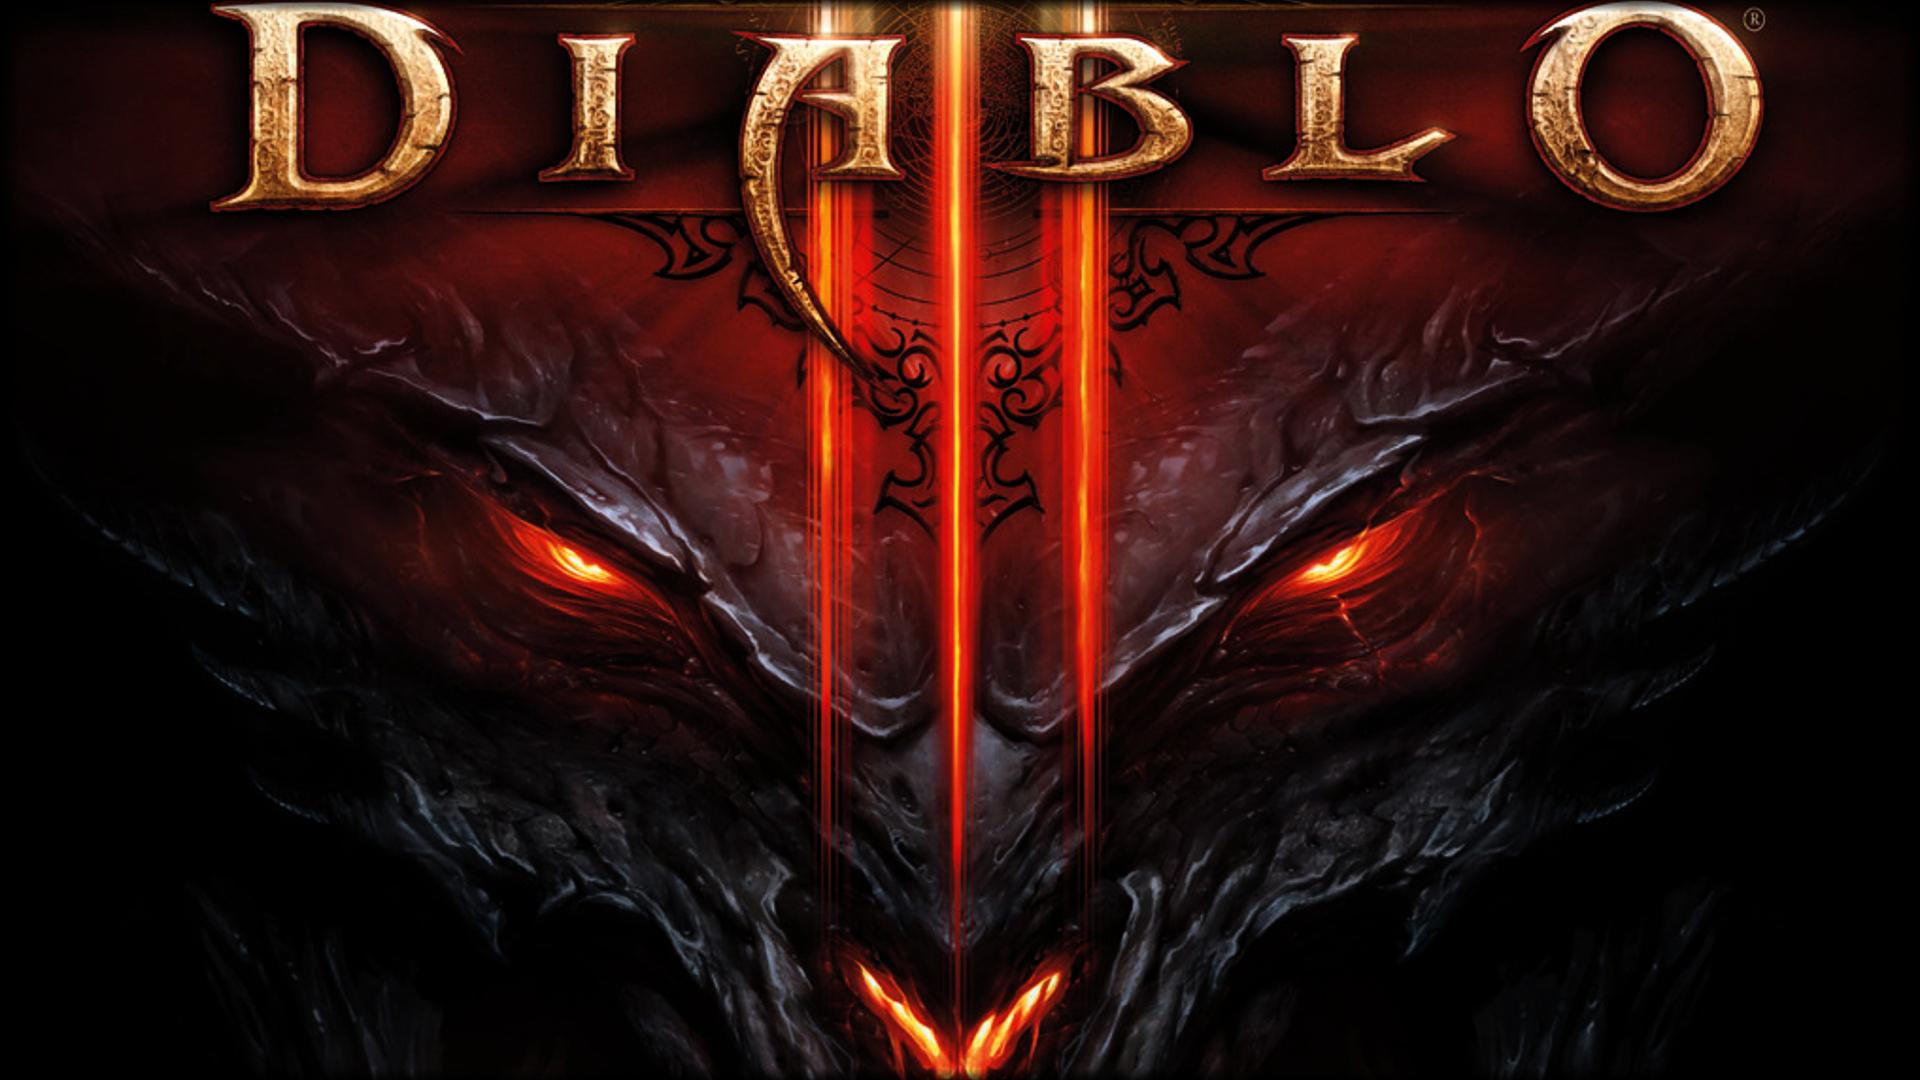 1920x1080px Fine HDQ <b>Diablo</b> 3 images 98 #1472640578